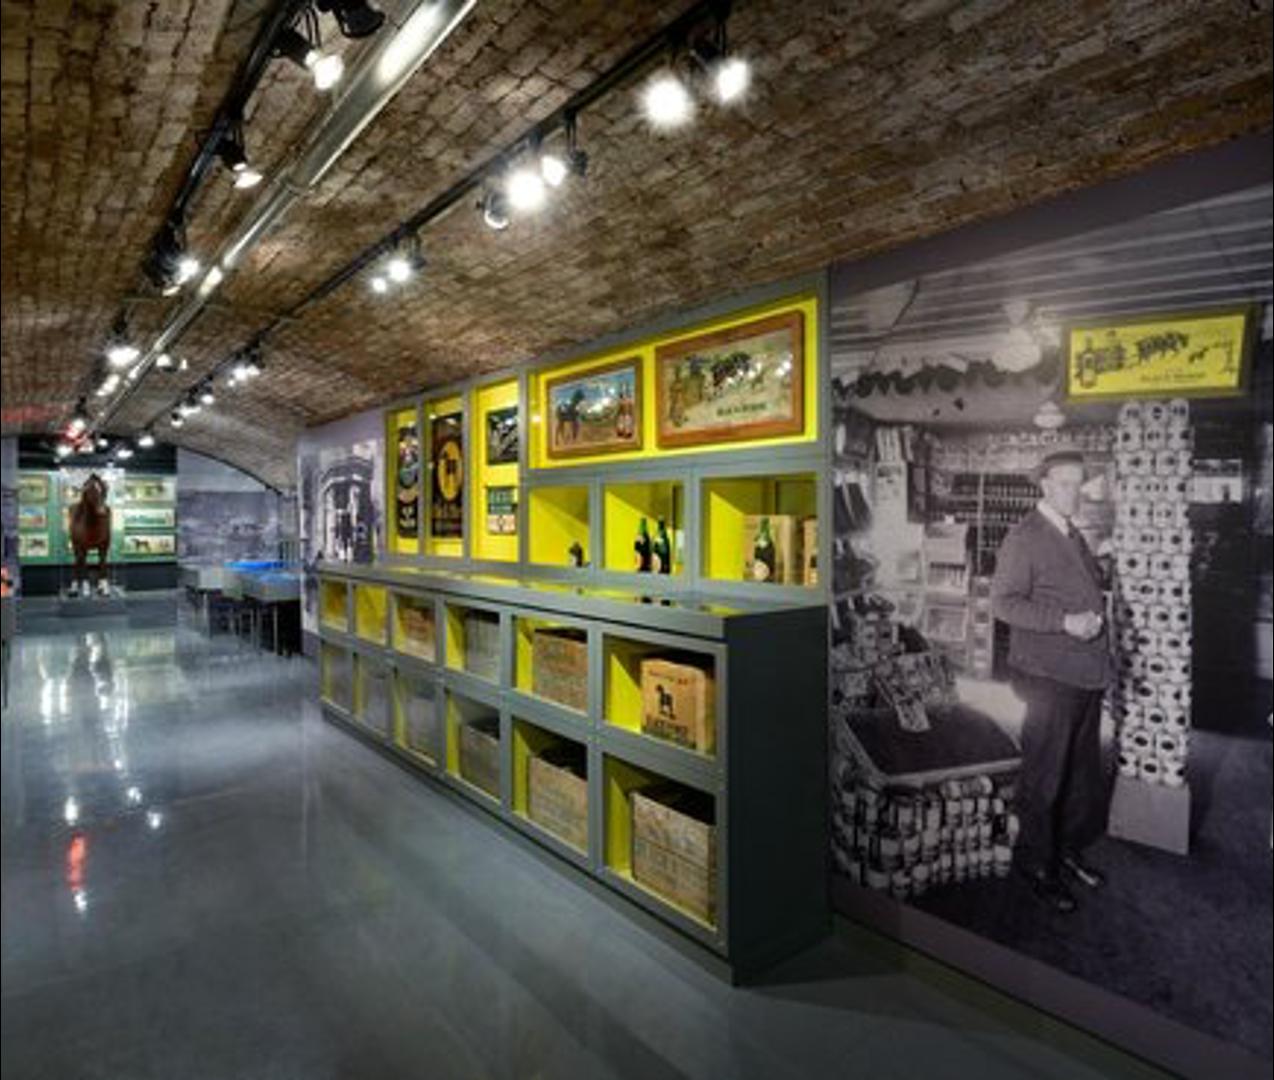 Musée de Lachine 2.0